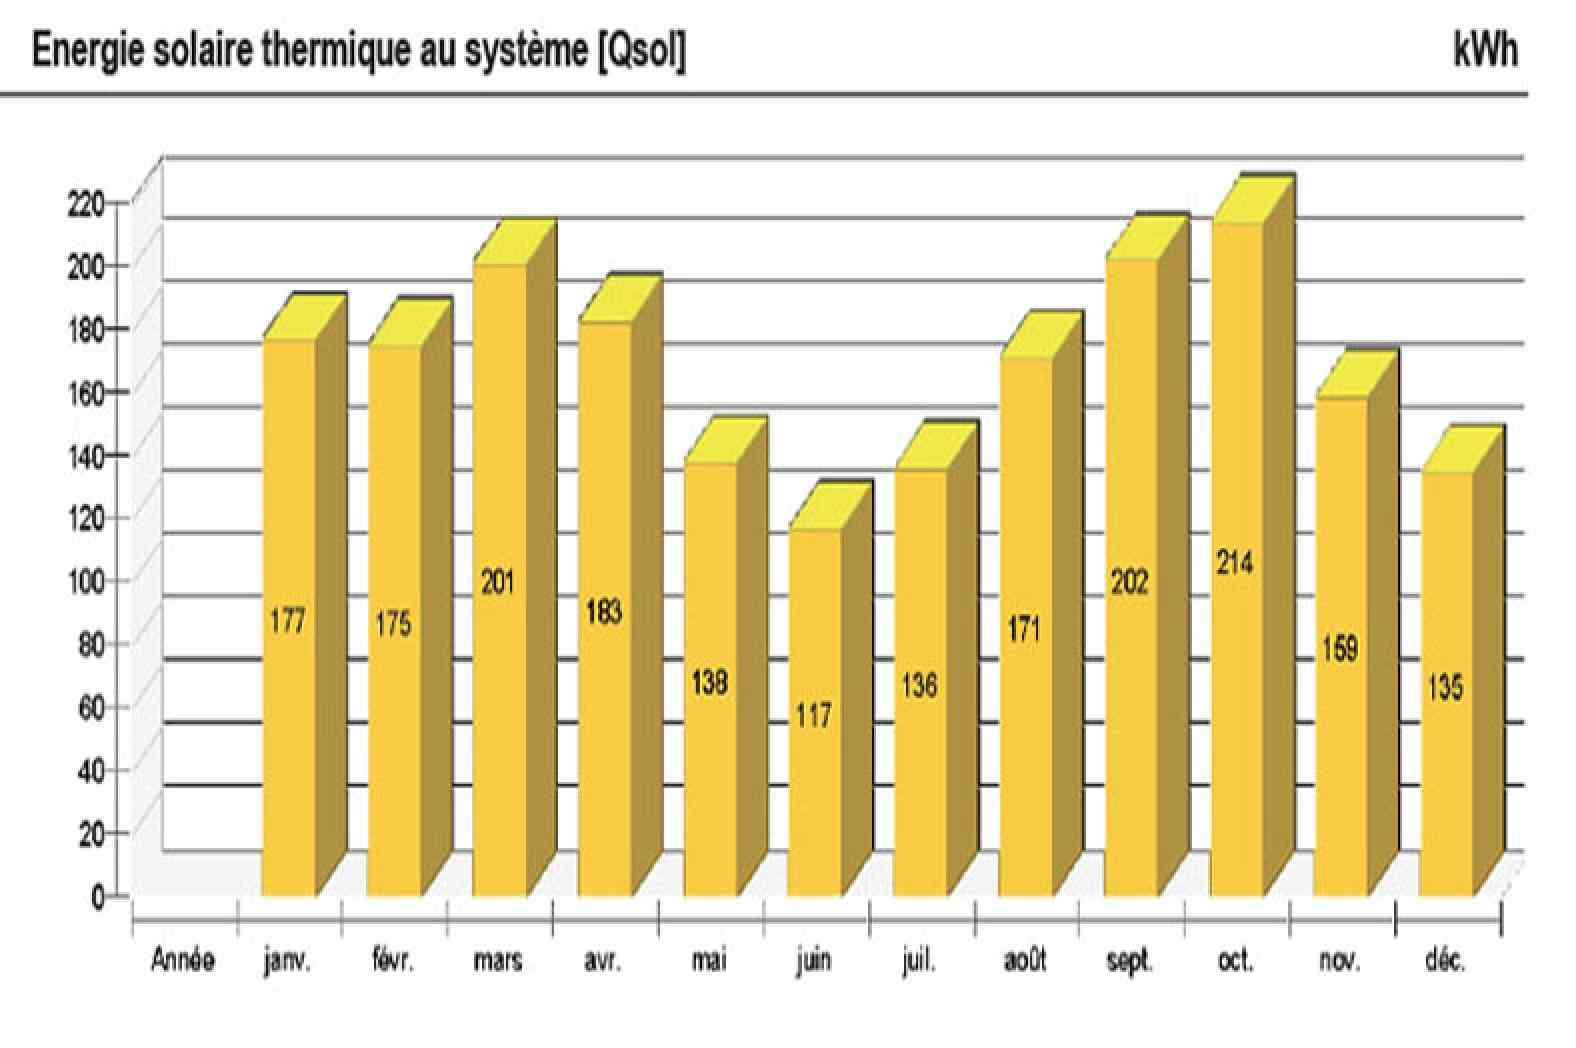 Energie solaire thermique du système